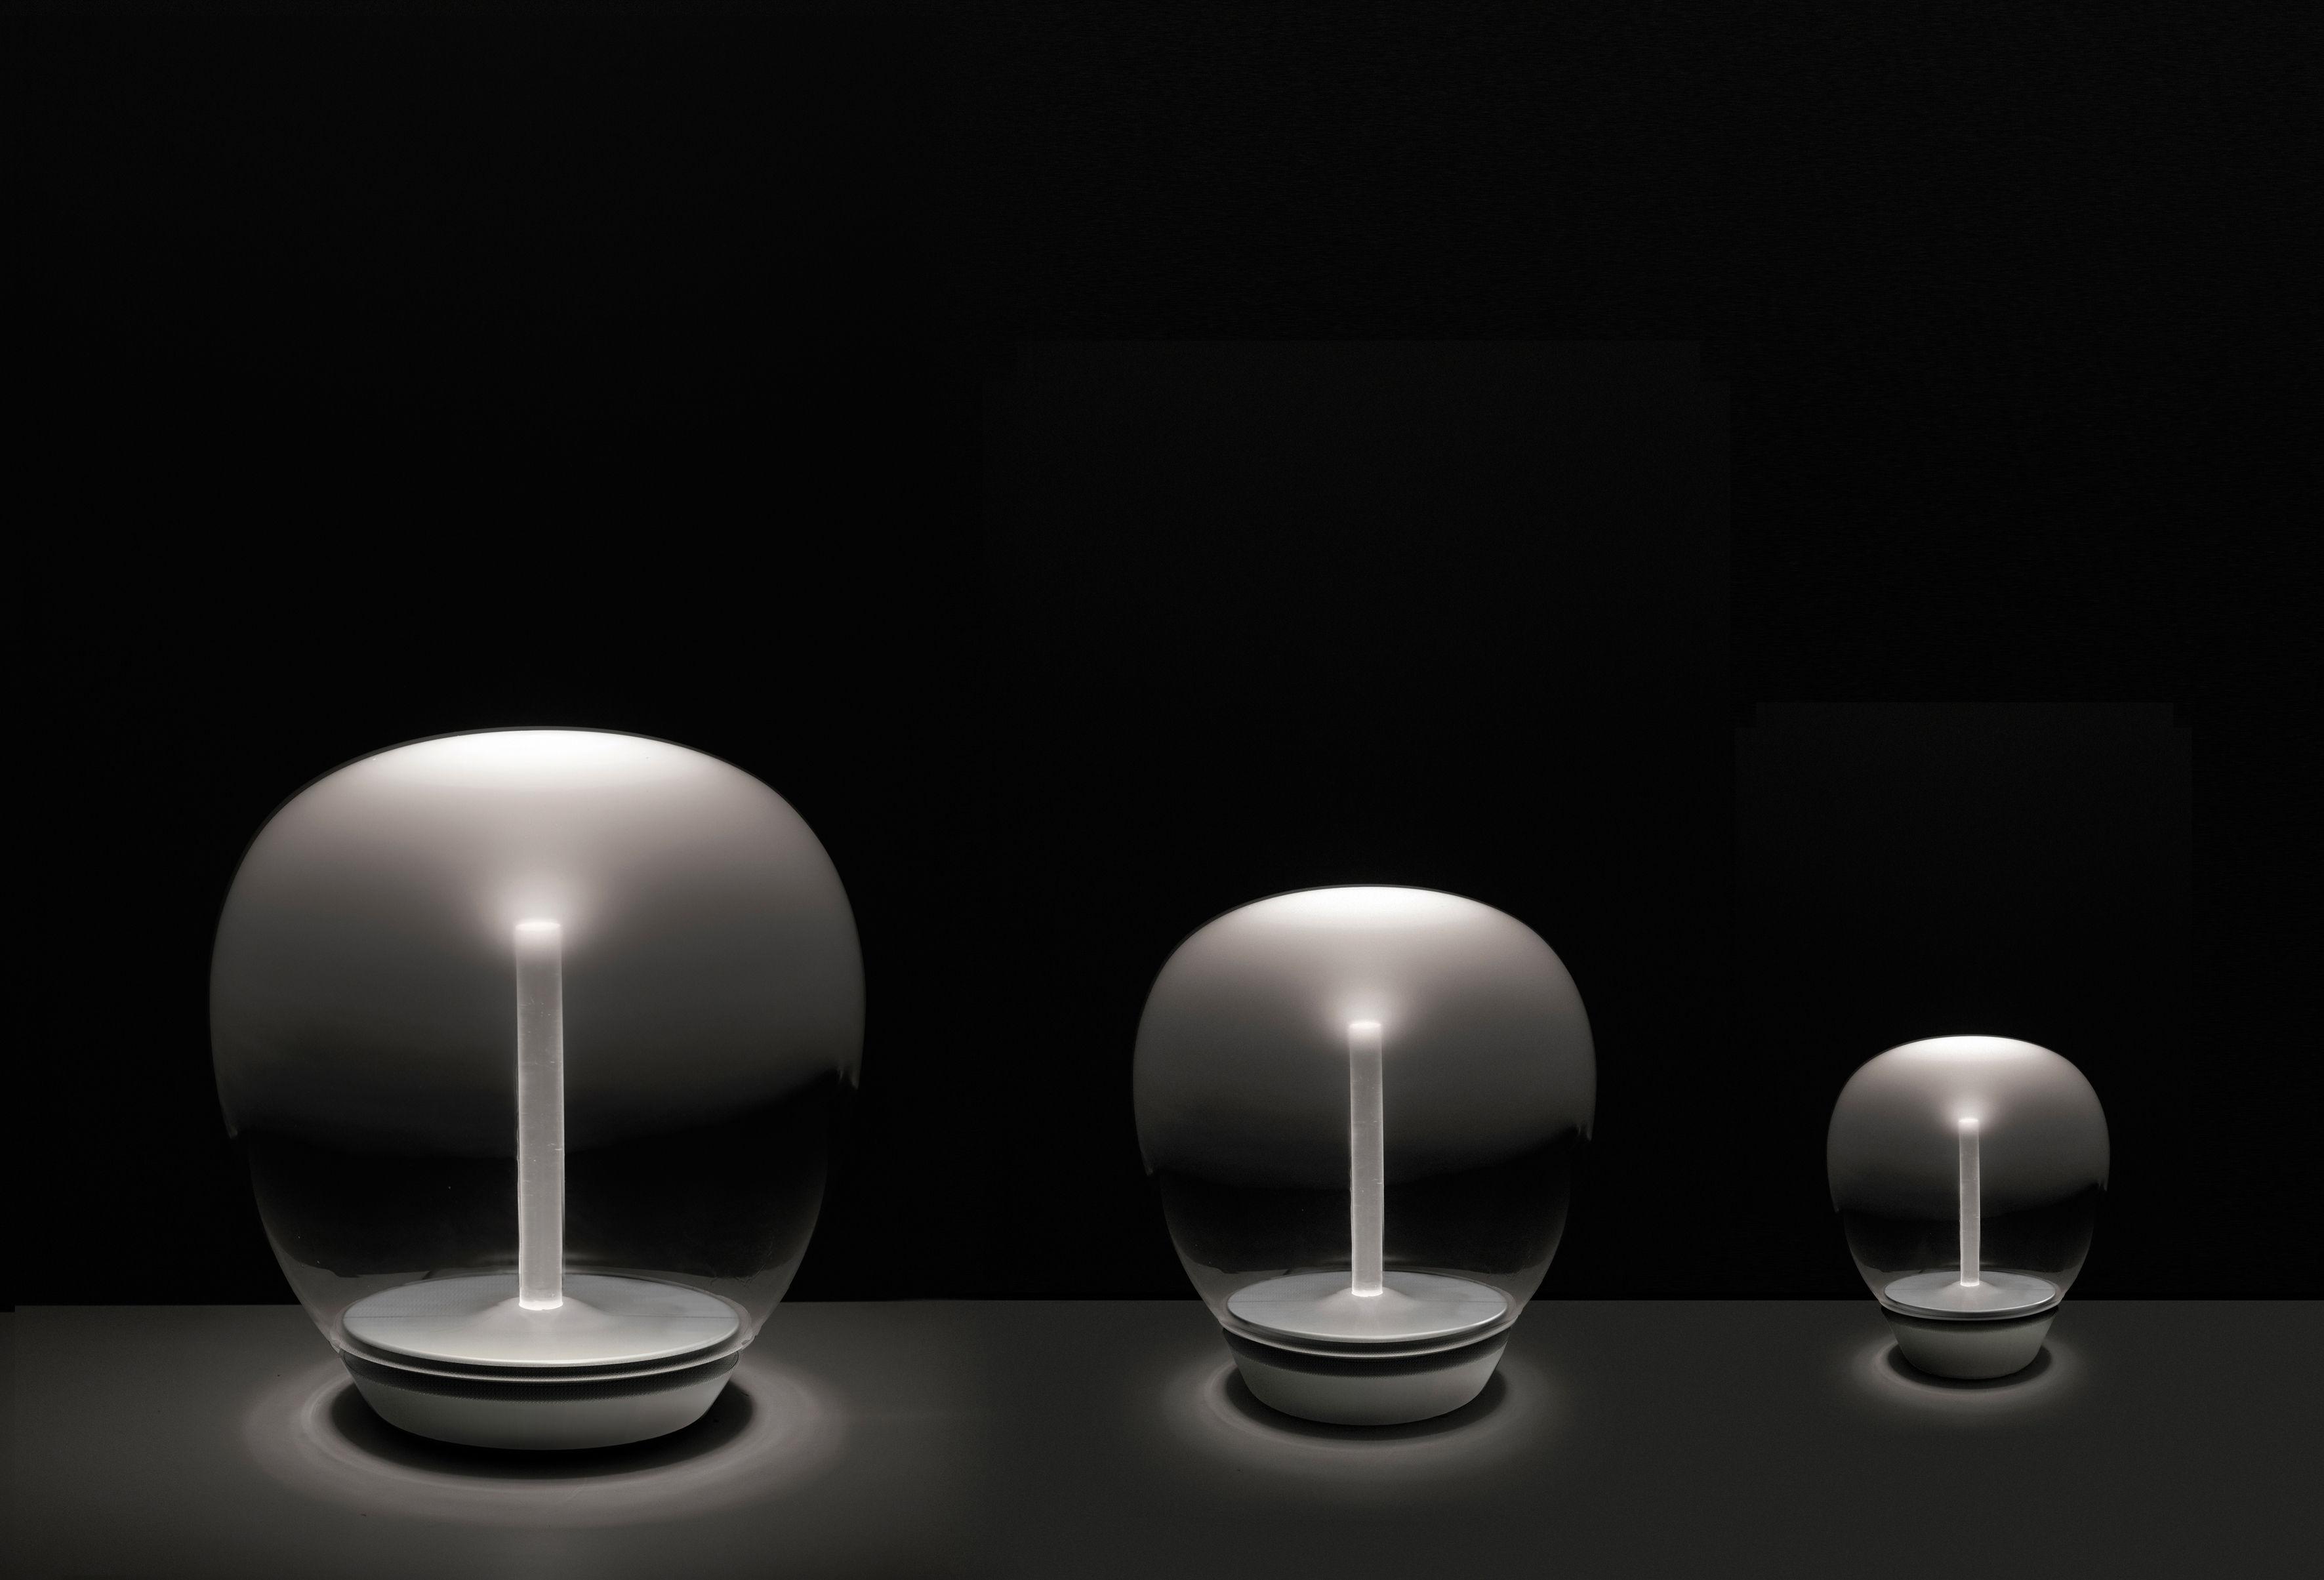 Lampe de table Empatia LED / Ø 26 cm Ø 26 cm / Transparent & blanc ...